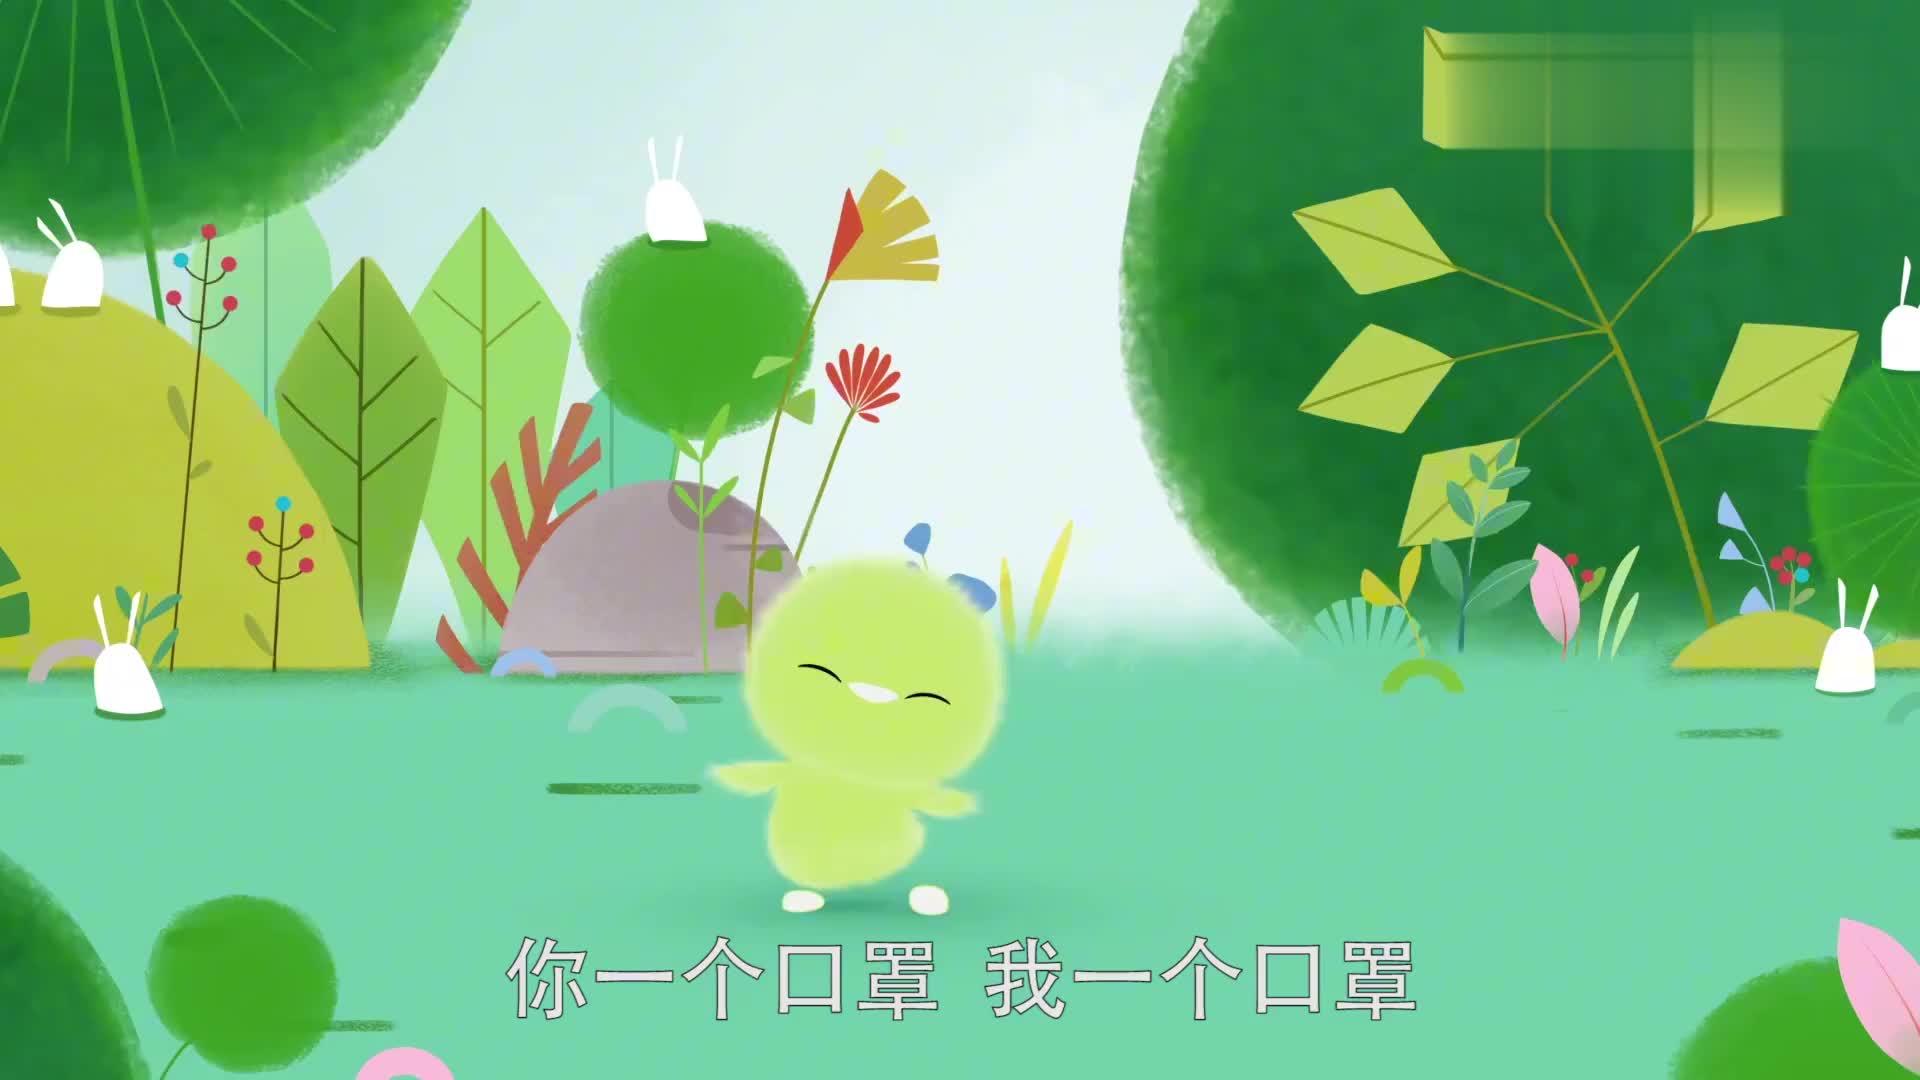 小鸡彩虹防疫儿歌:带好口罩,细菌病毒不打扰,非常的好